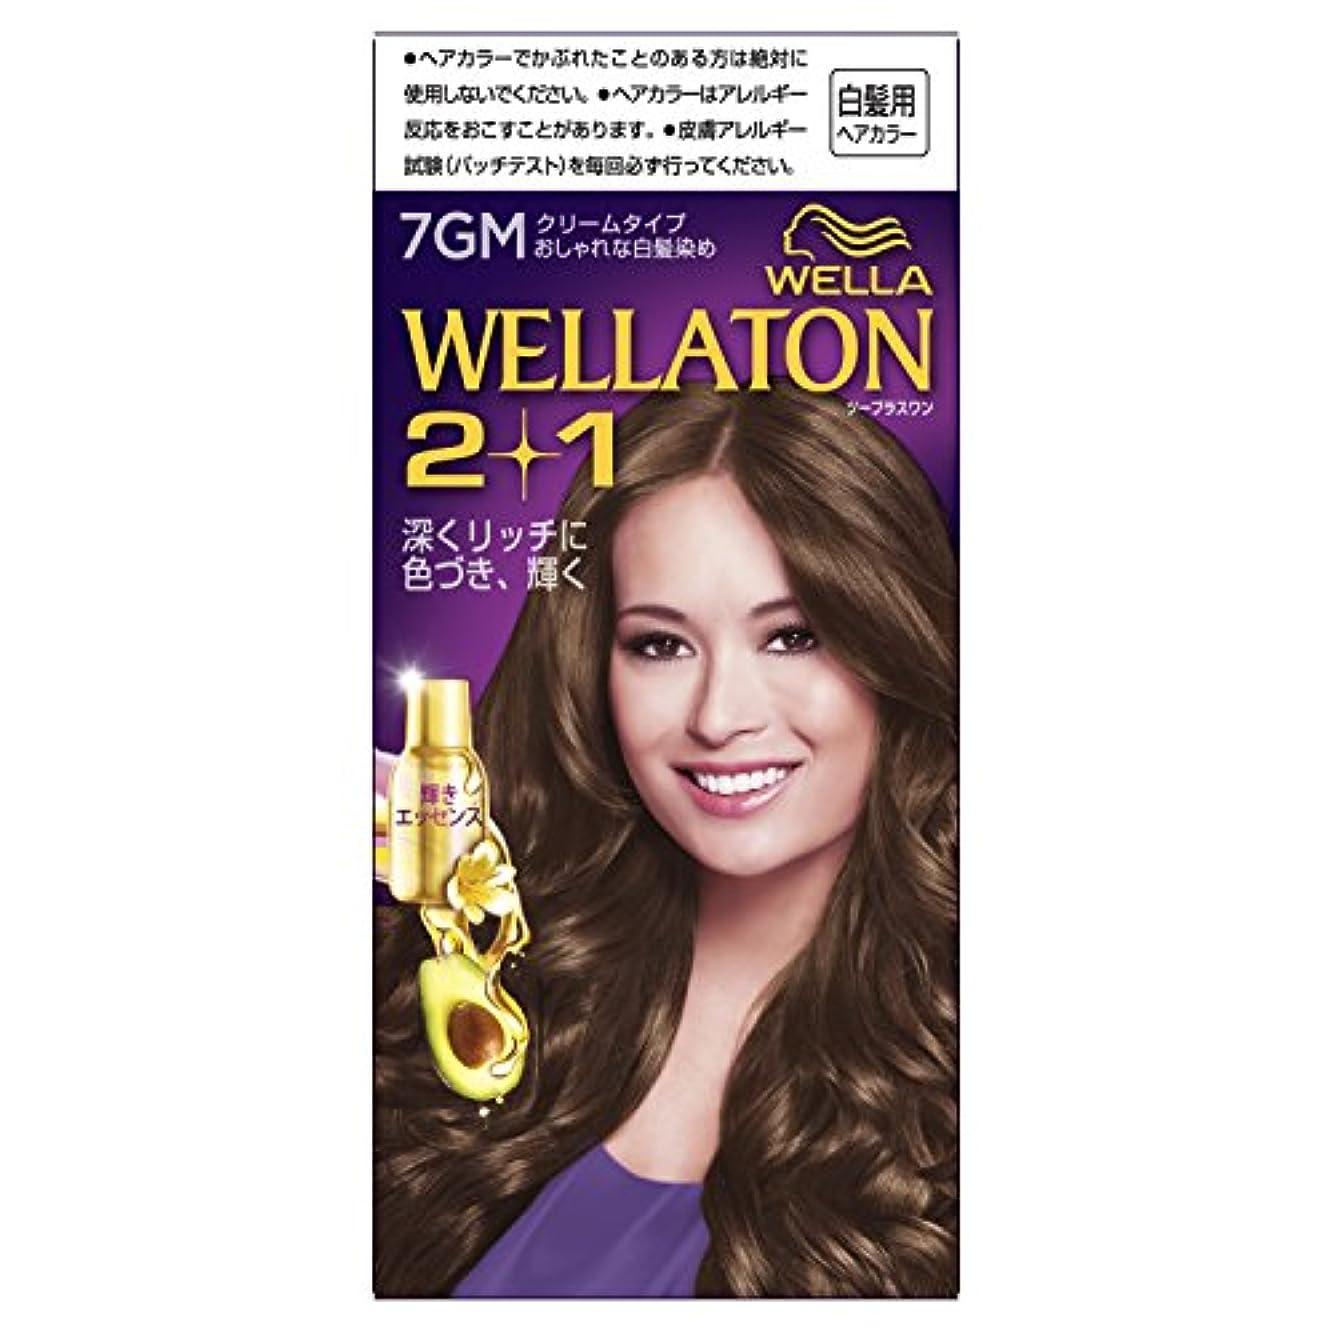 スライム省略ウェイドウエラトーン2+1 クリームタイプ 7GM [医薬部外品](おしゃれな白髪染め)